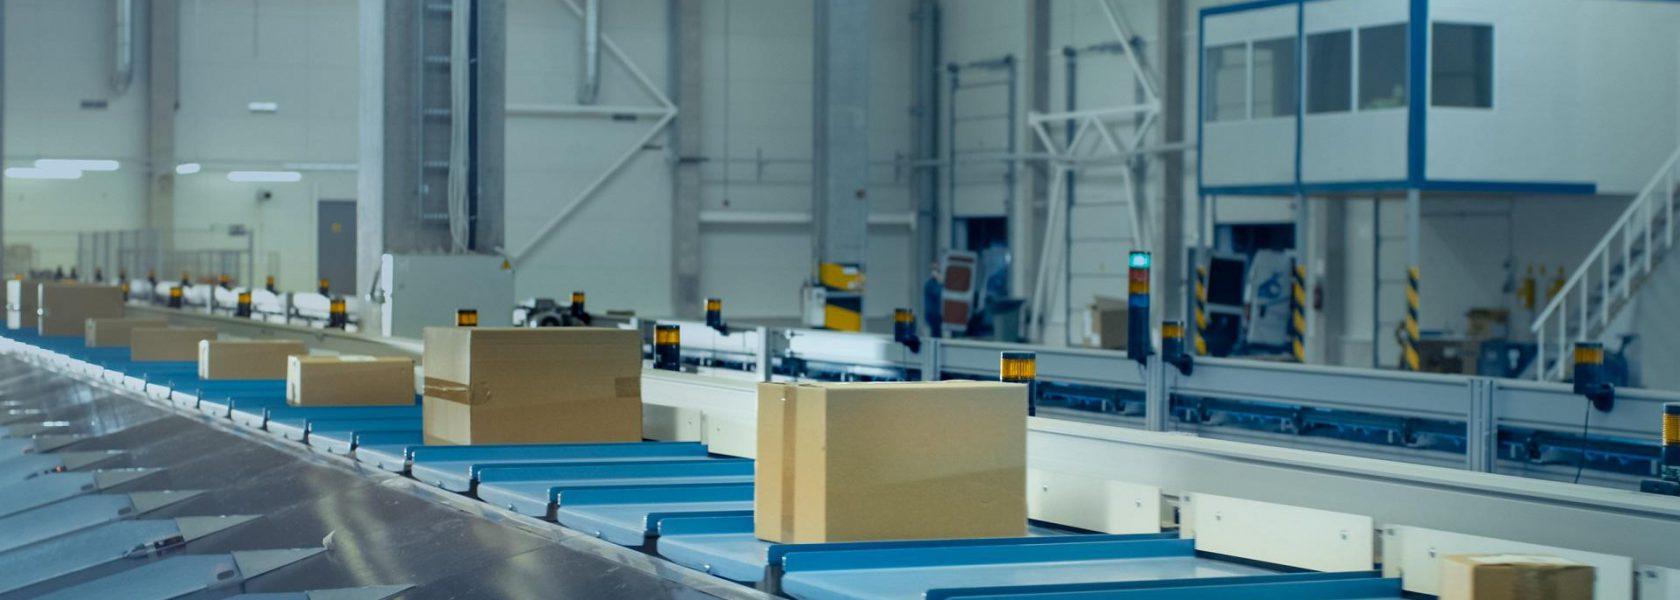 Sorter: Kartons werden auf Förderband bewegt